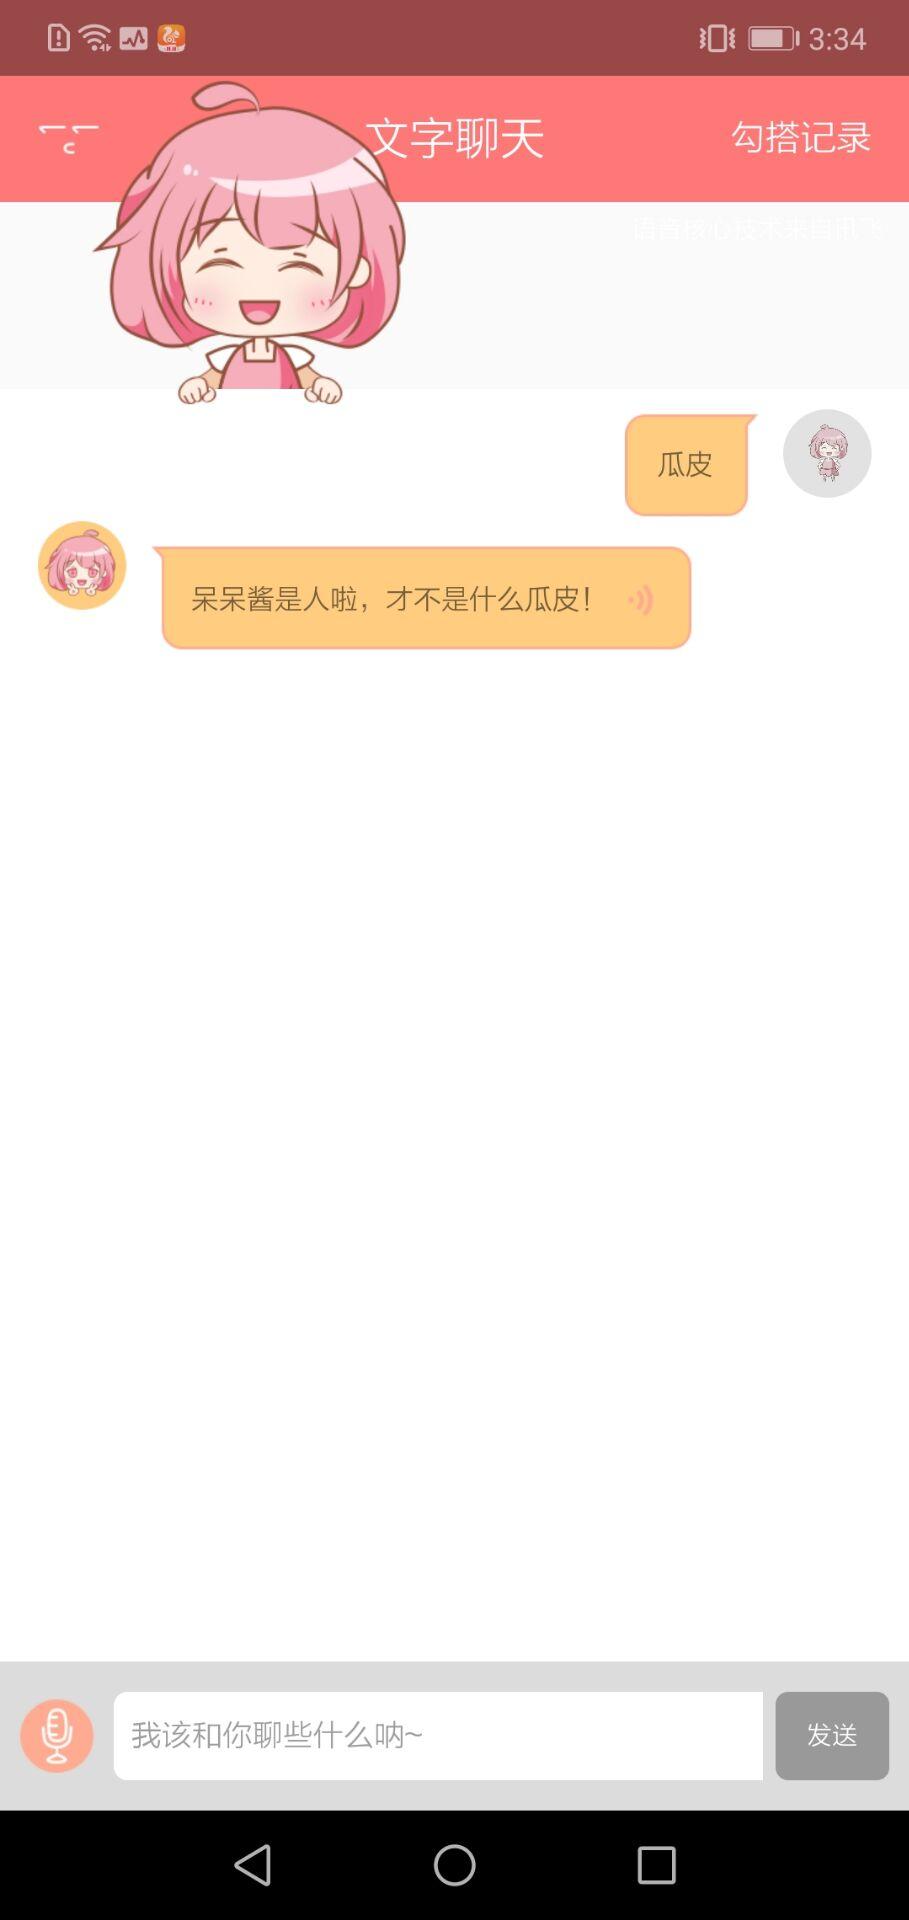 【资源分享】呆呆酱-爱小助